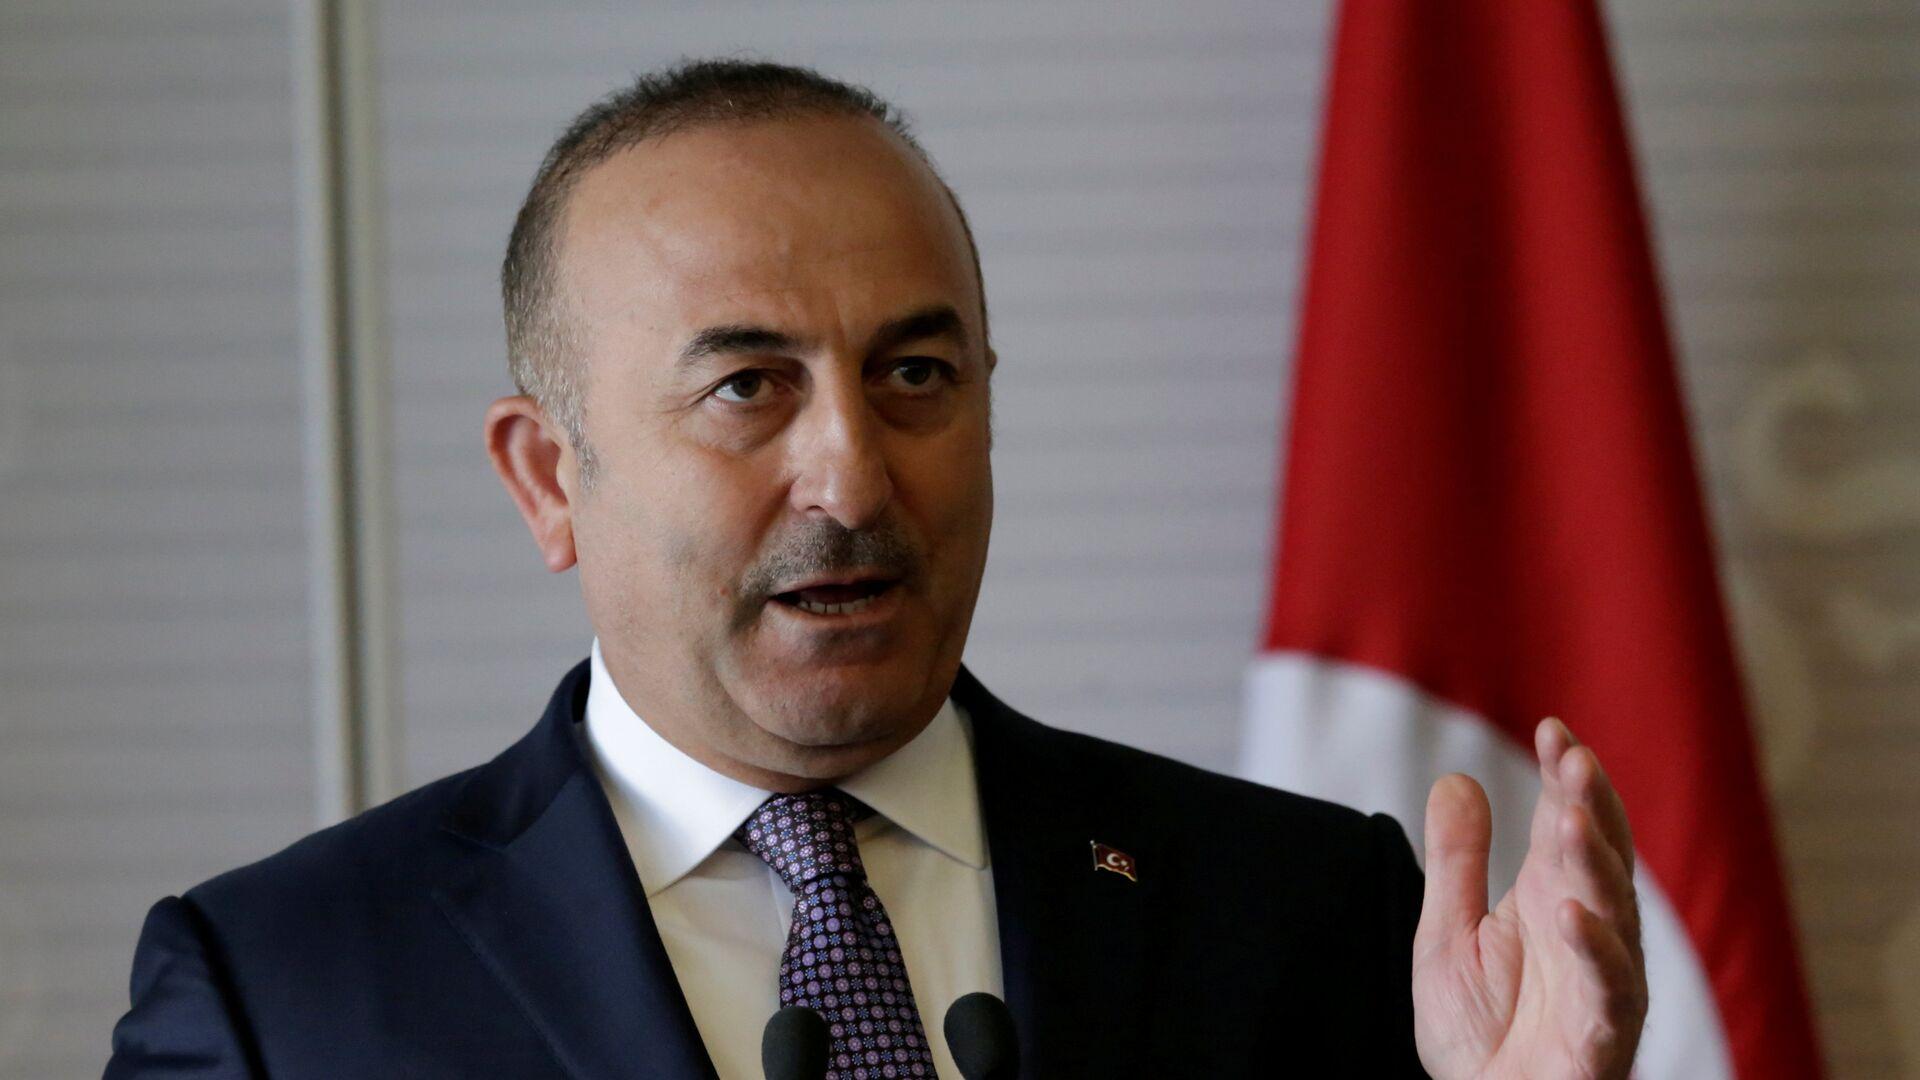 Mevlut Cavusoglu, ministro de Exteriores turco - Sputnik Mundo, 1920, 07.09.2021